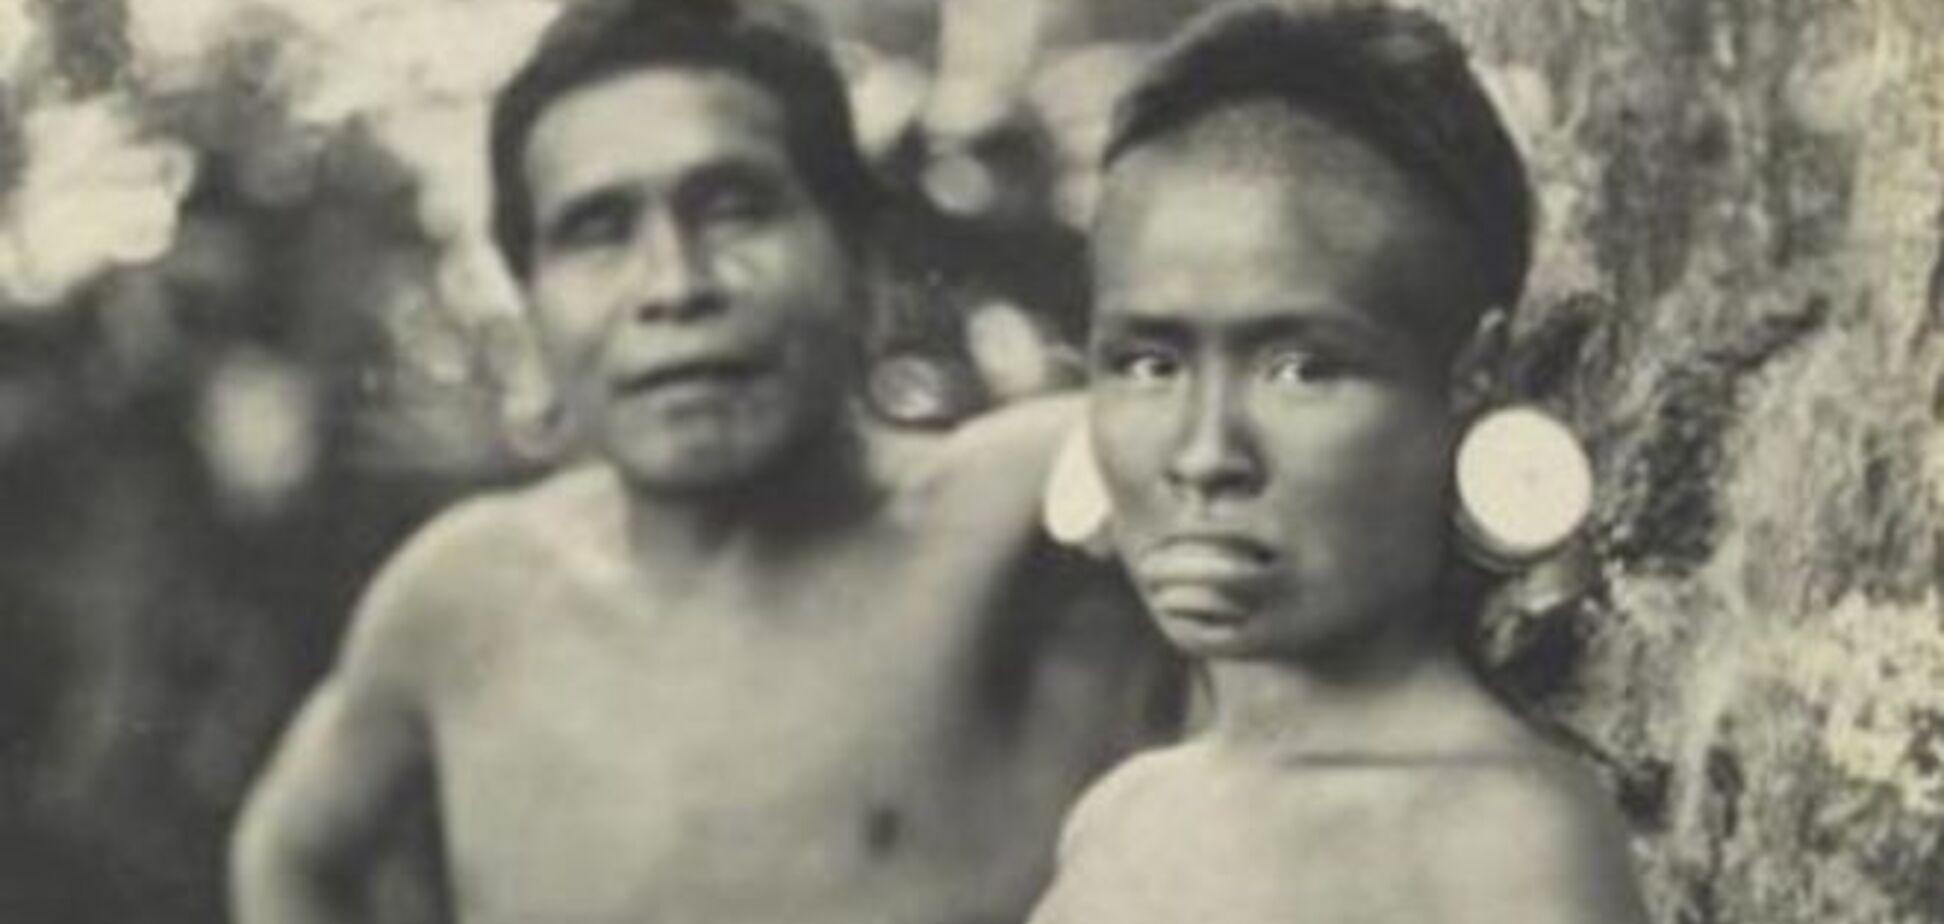 Древнее фото обнаженной индианки вызвало скандал в Бразилии